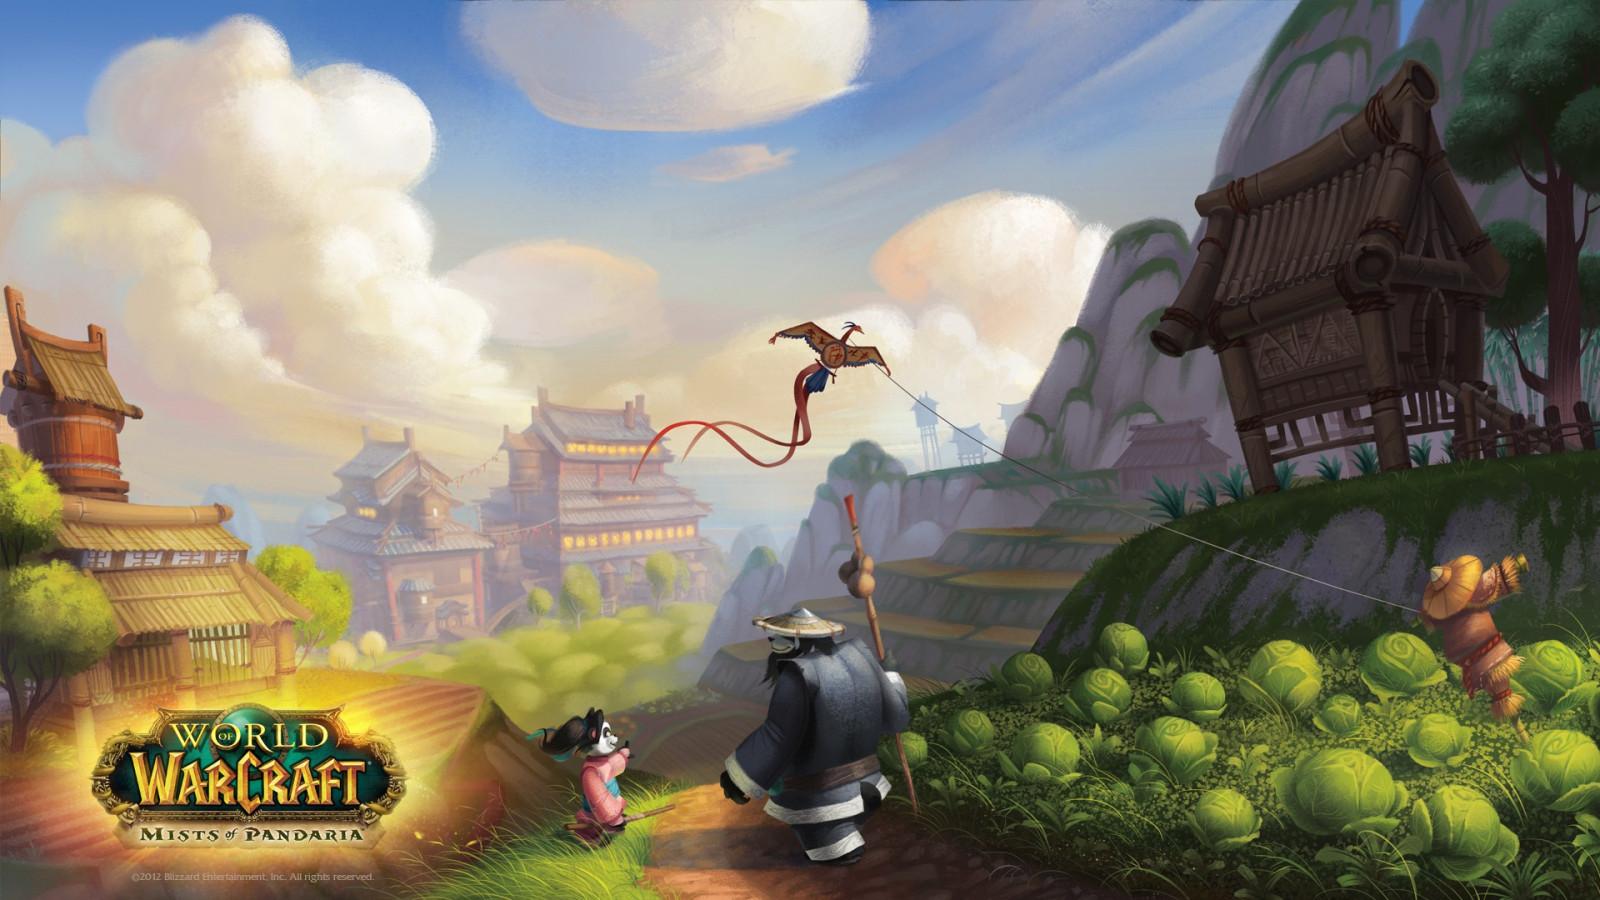 Jungle Wallpaper World Of Warcraft: Wallpaper : Video Games, World Of Warcraft, World Of